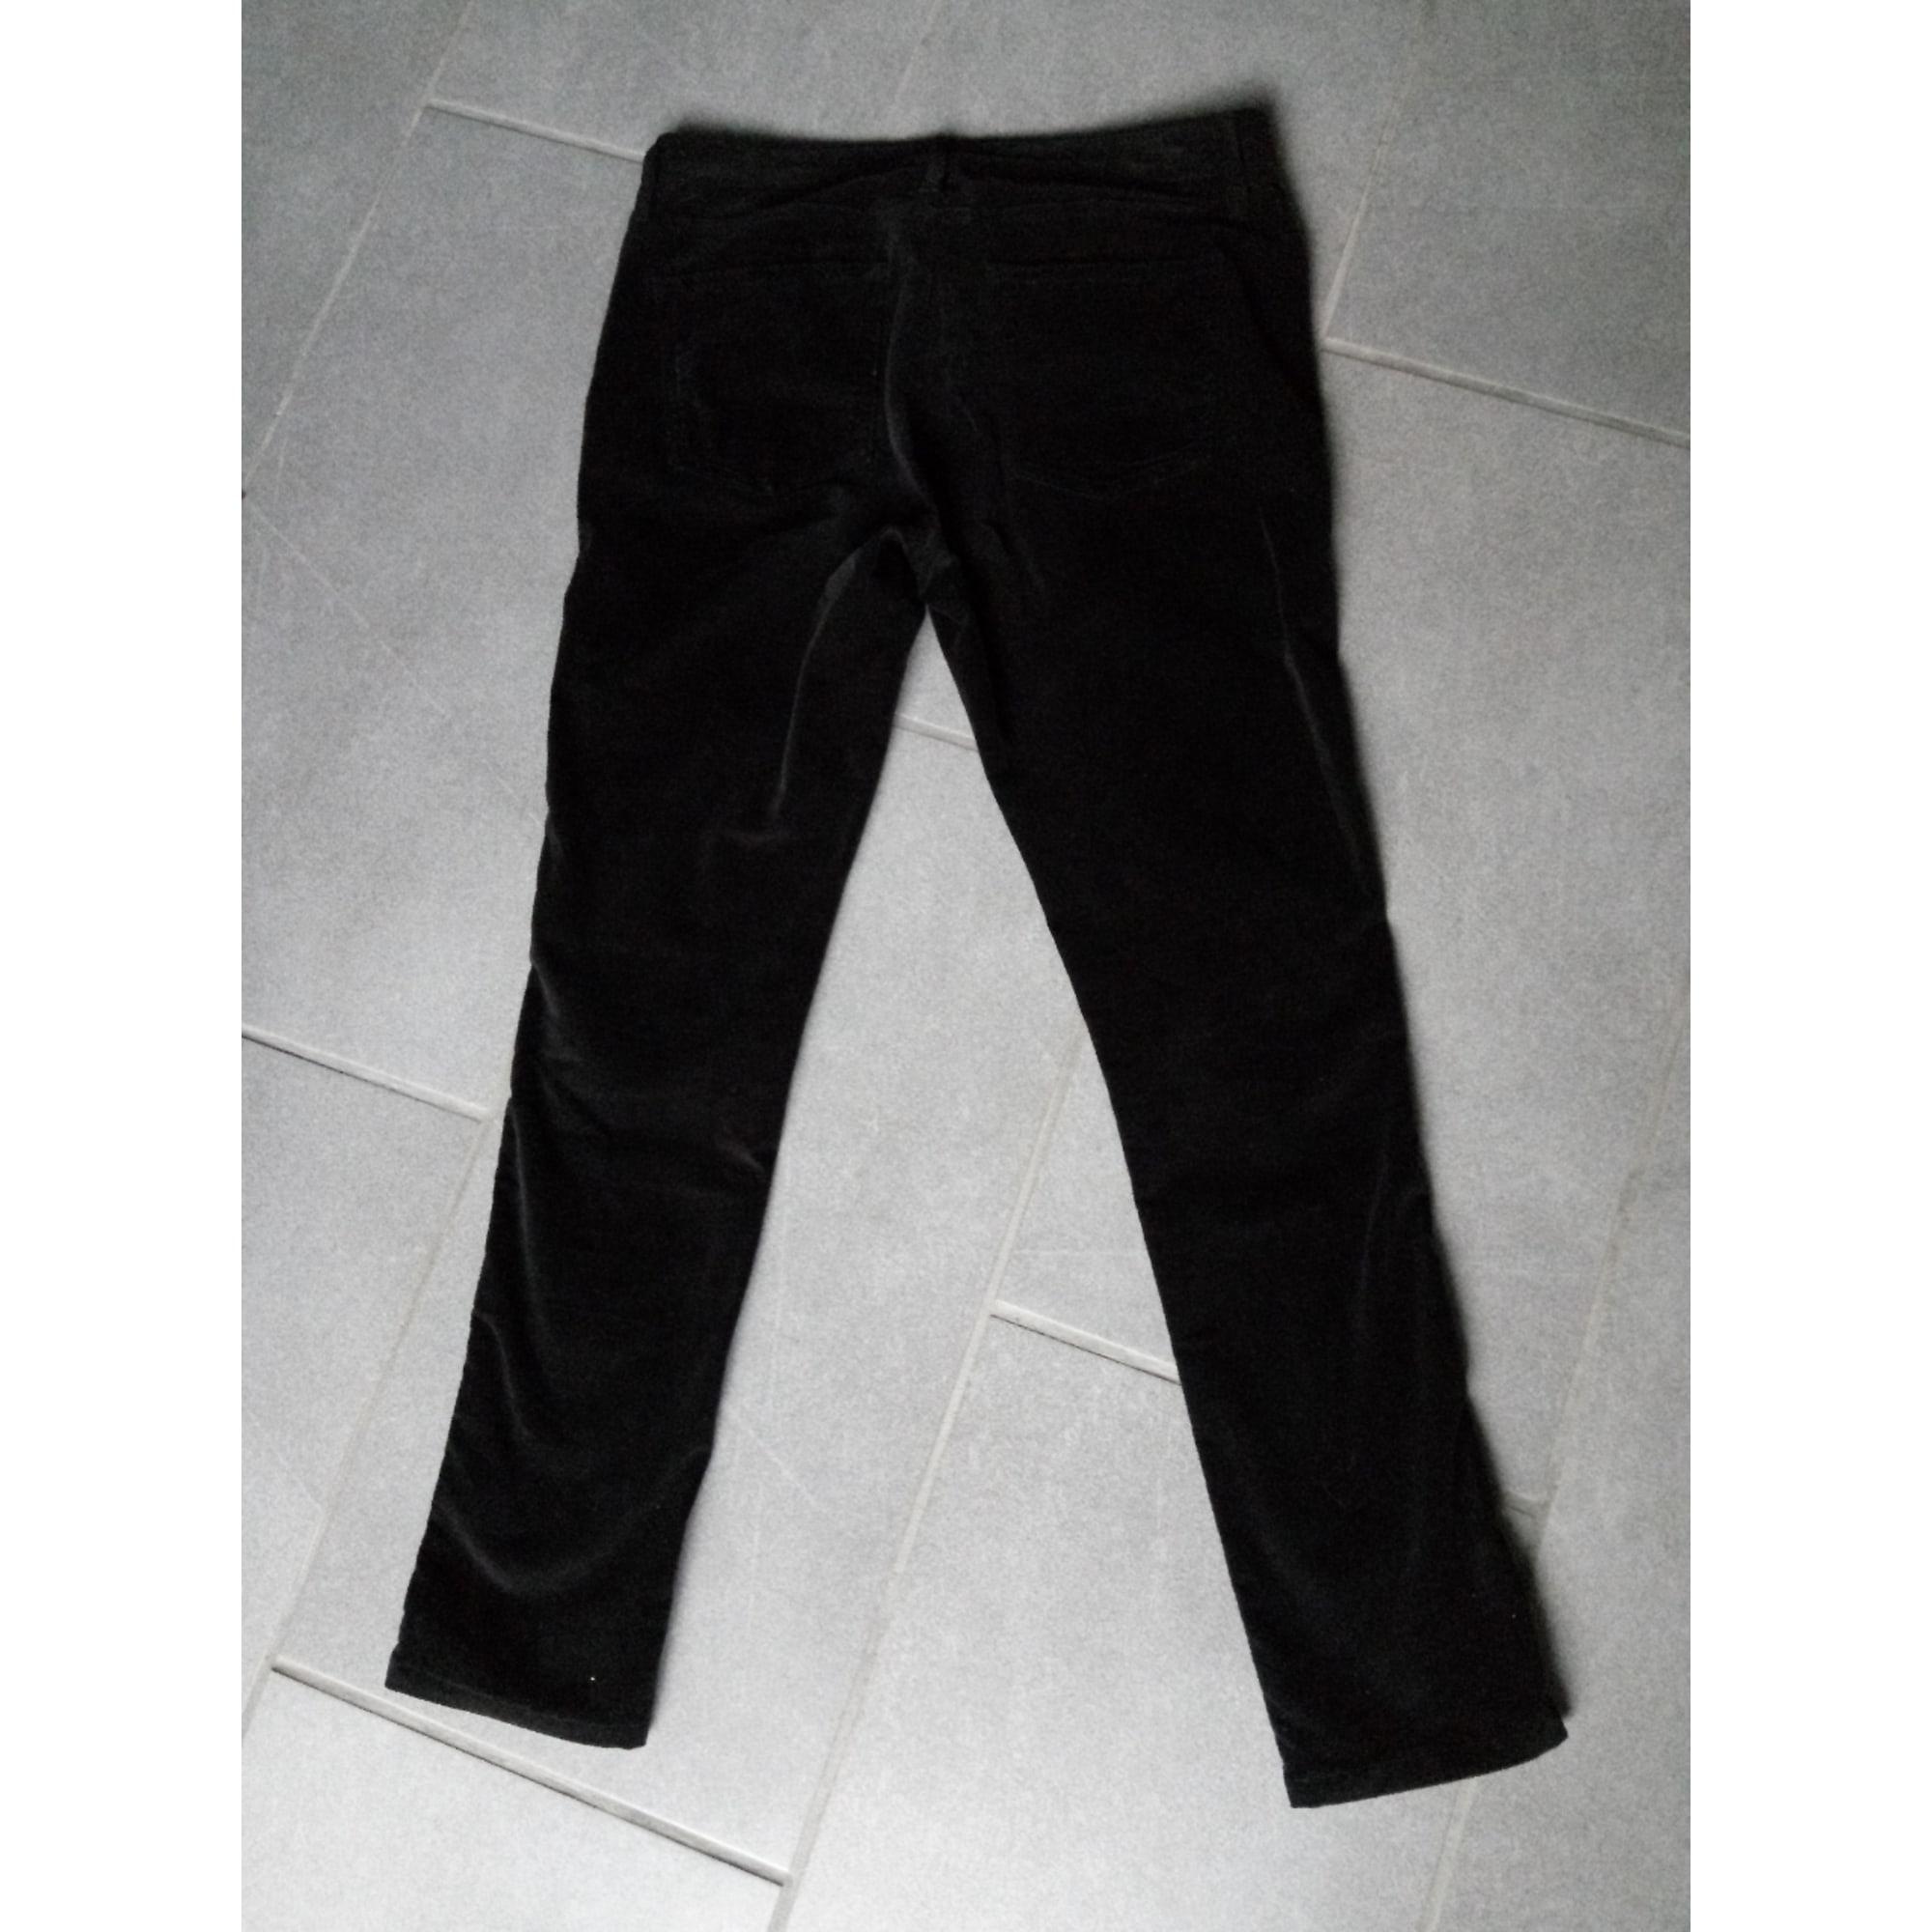 Jeans slim MARQUE INCONNUE Noir